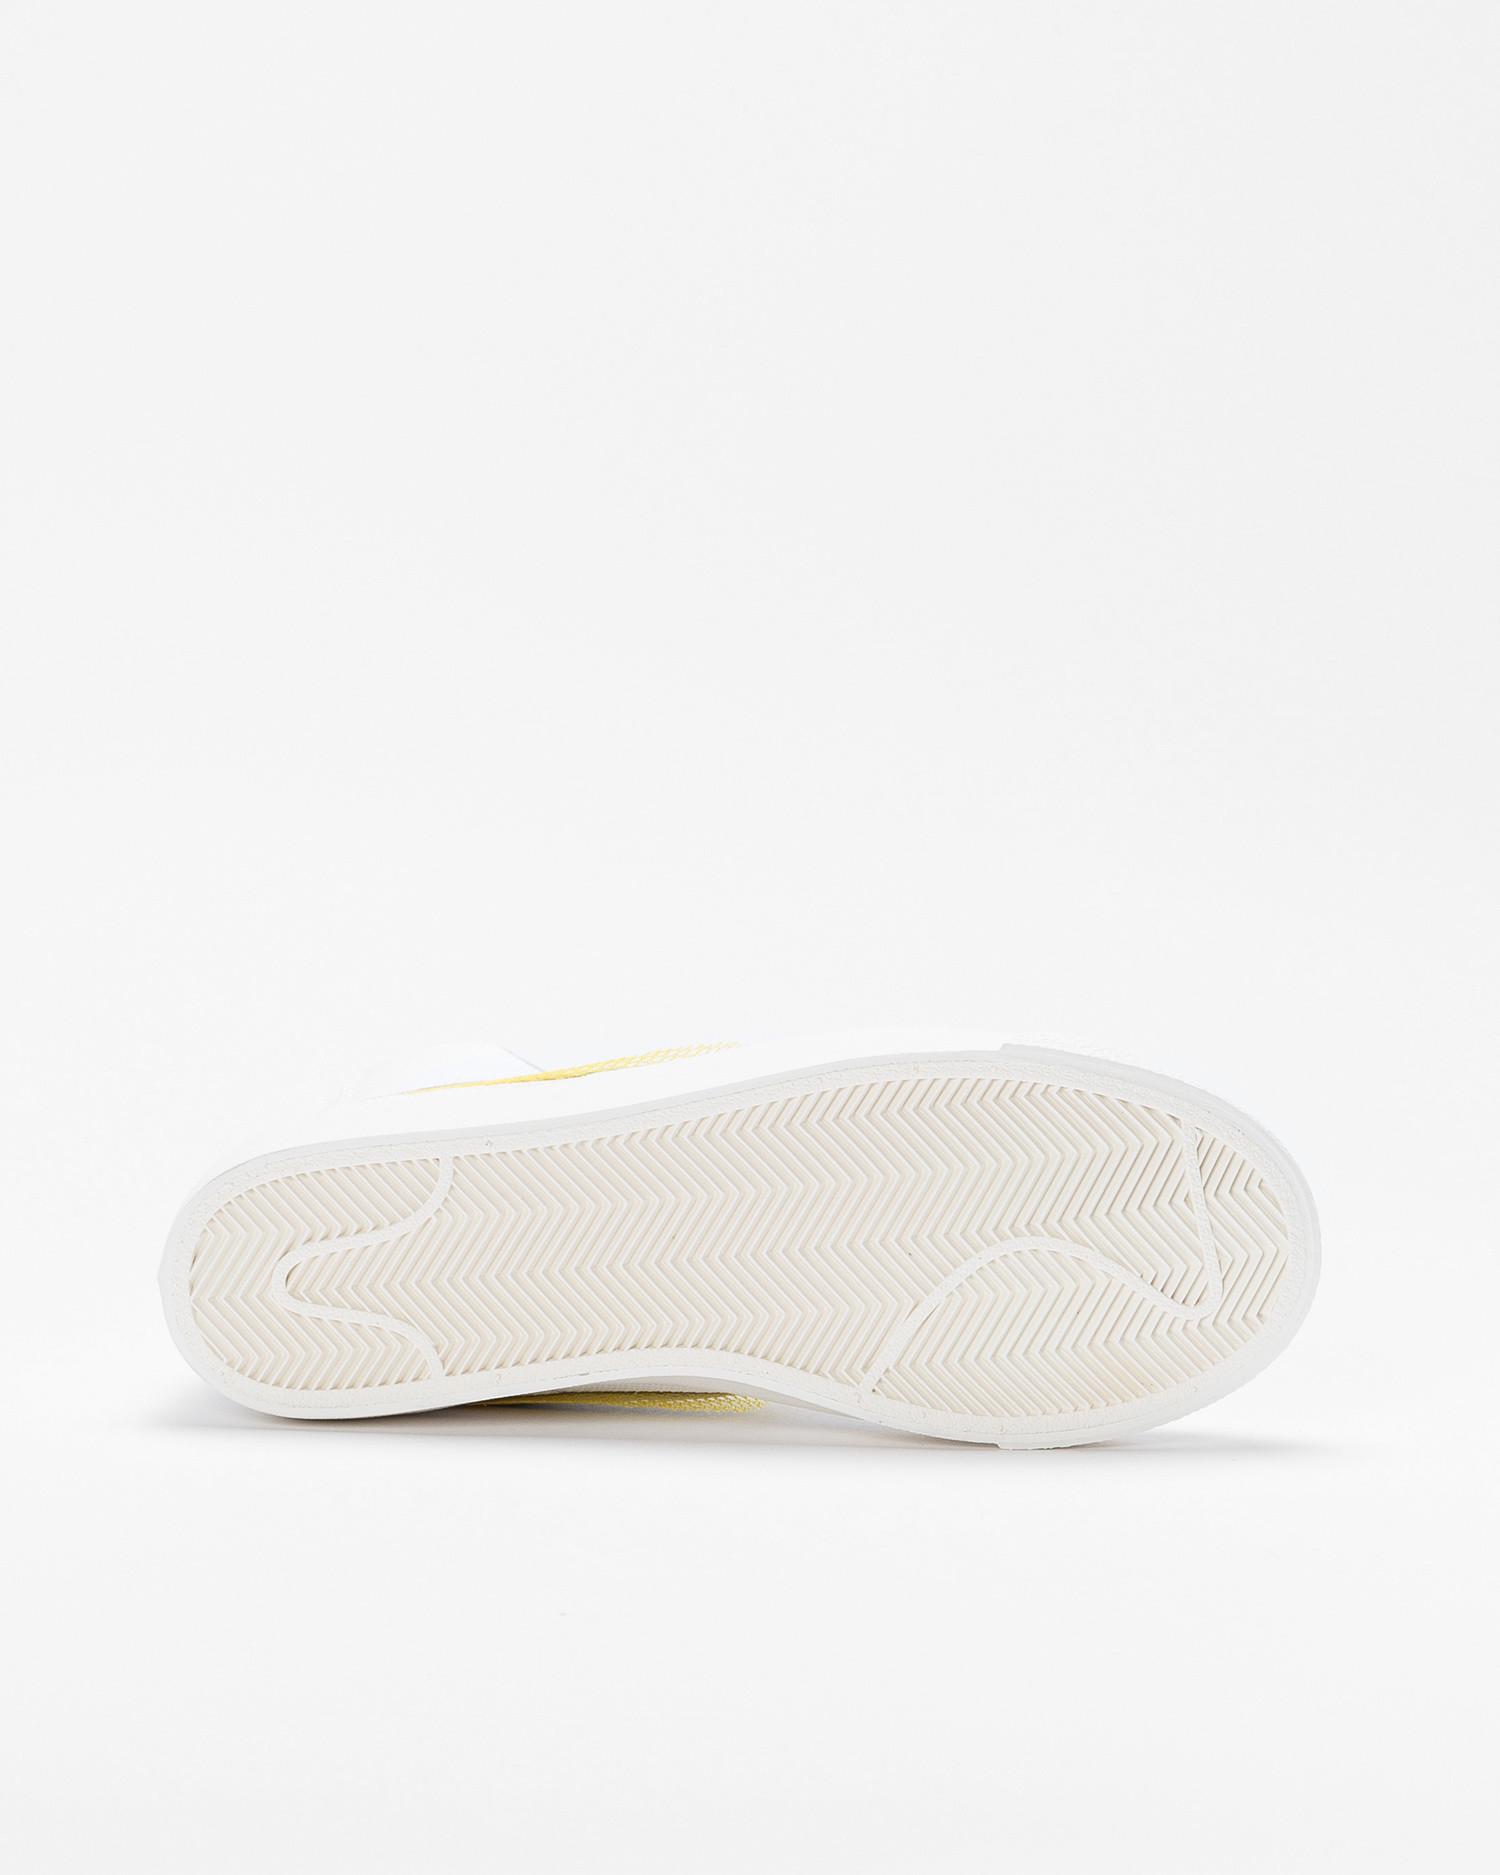 Nike Wmns Blazer Mid vntg'77 White/metallic silver-university gold